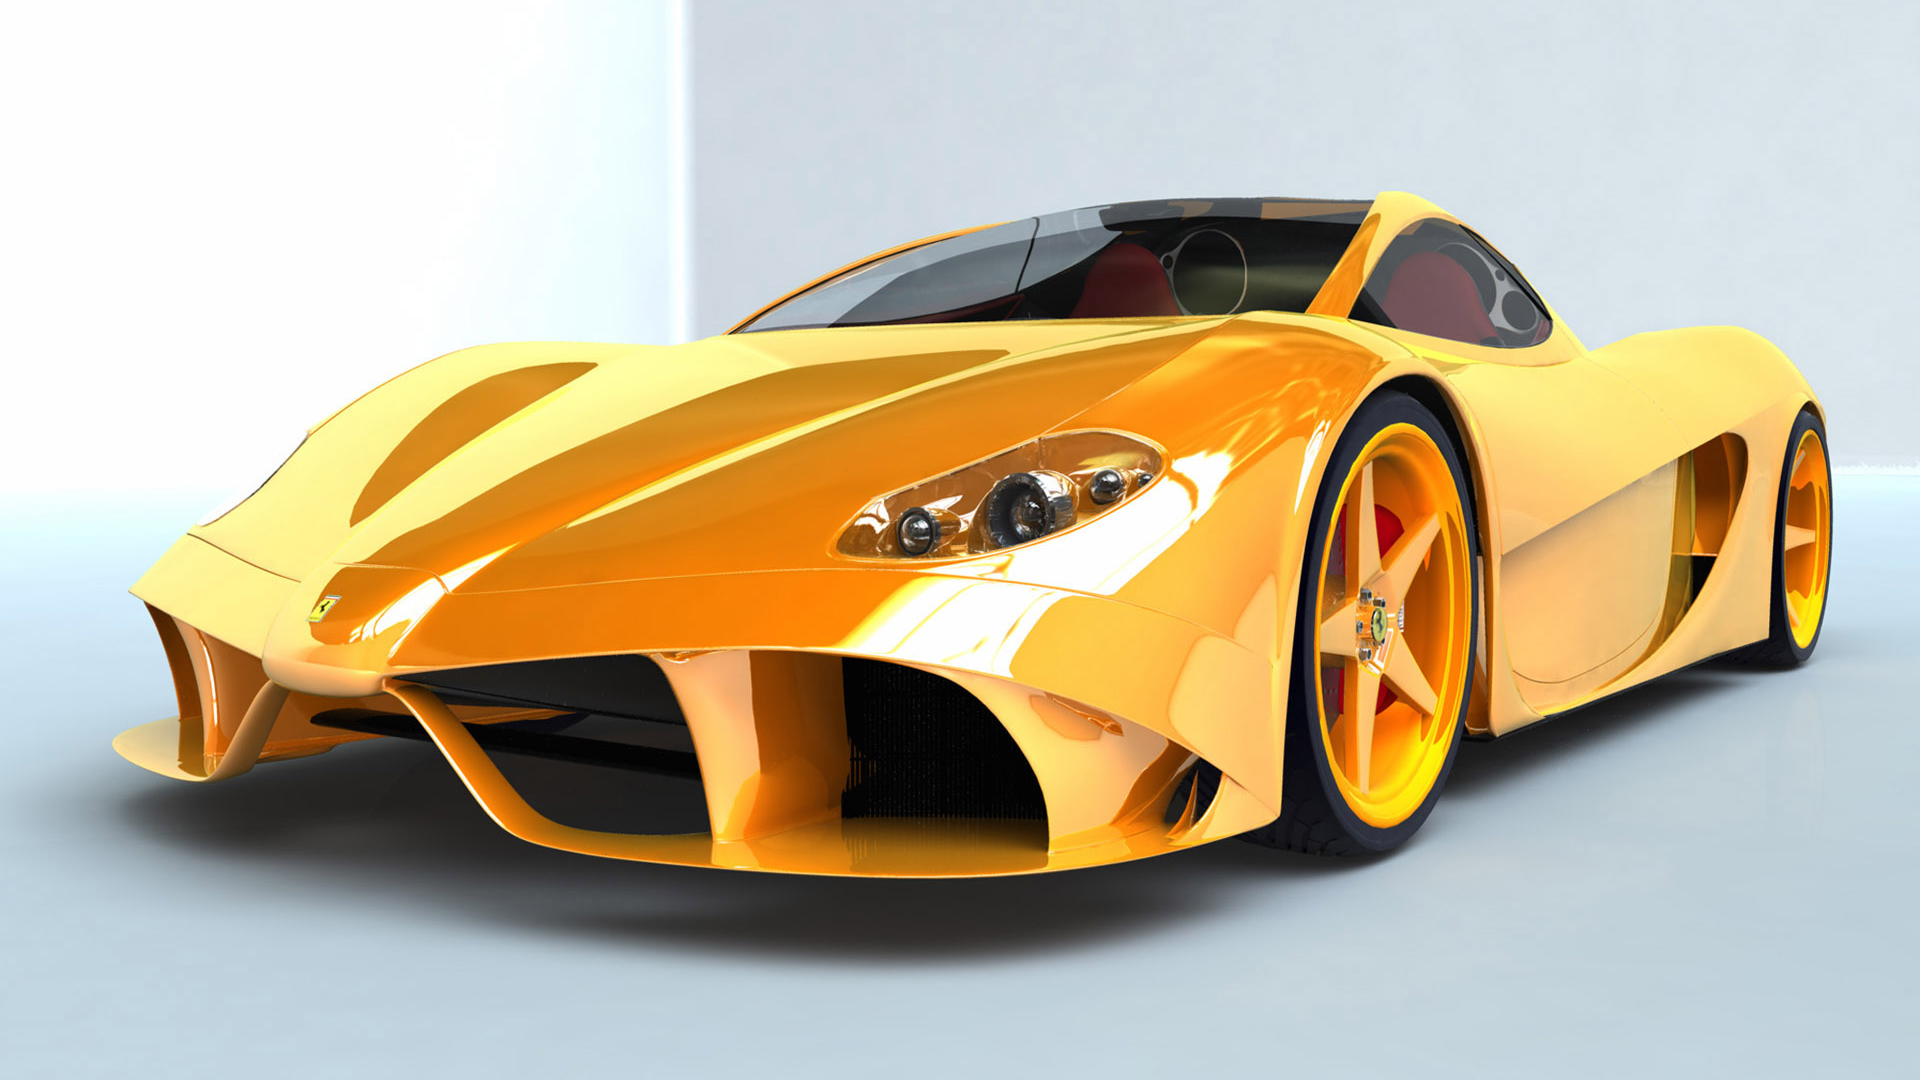 Car Wallpapers Yellow Ferrari Car Humor